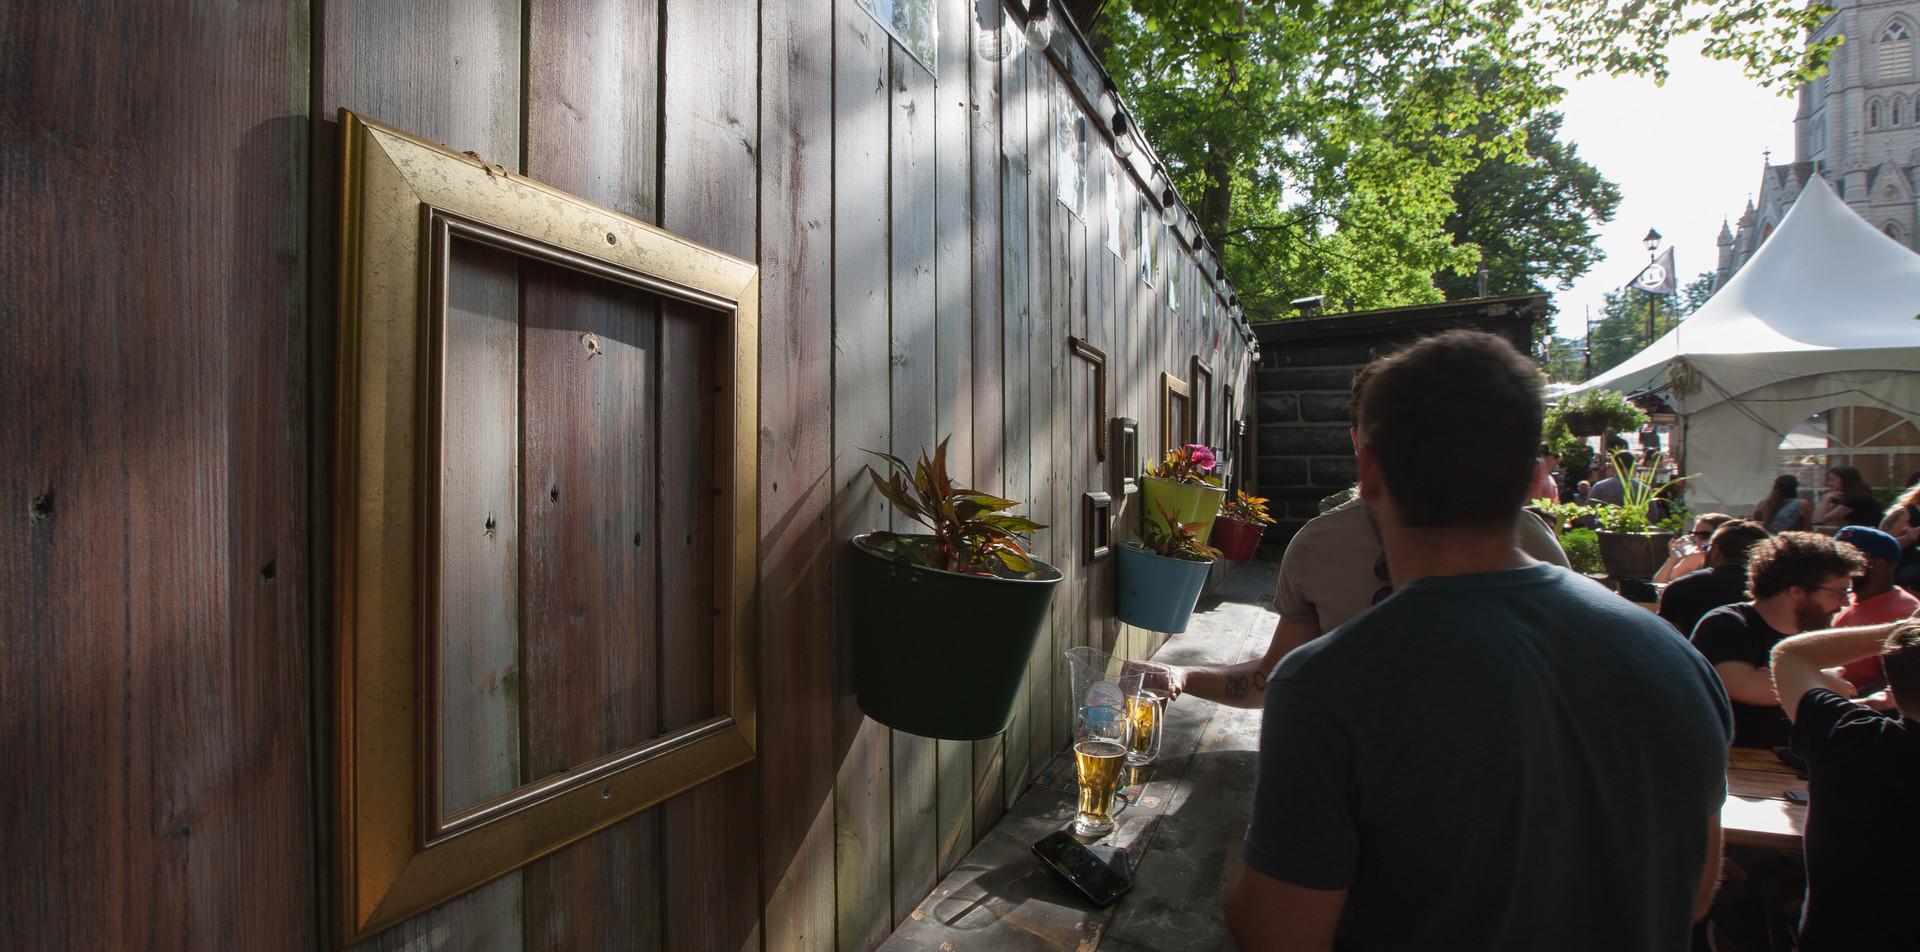 niche_patio_summer_2017-0126.jpg